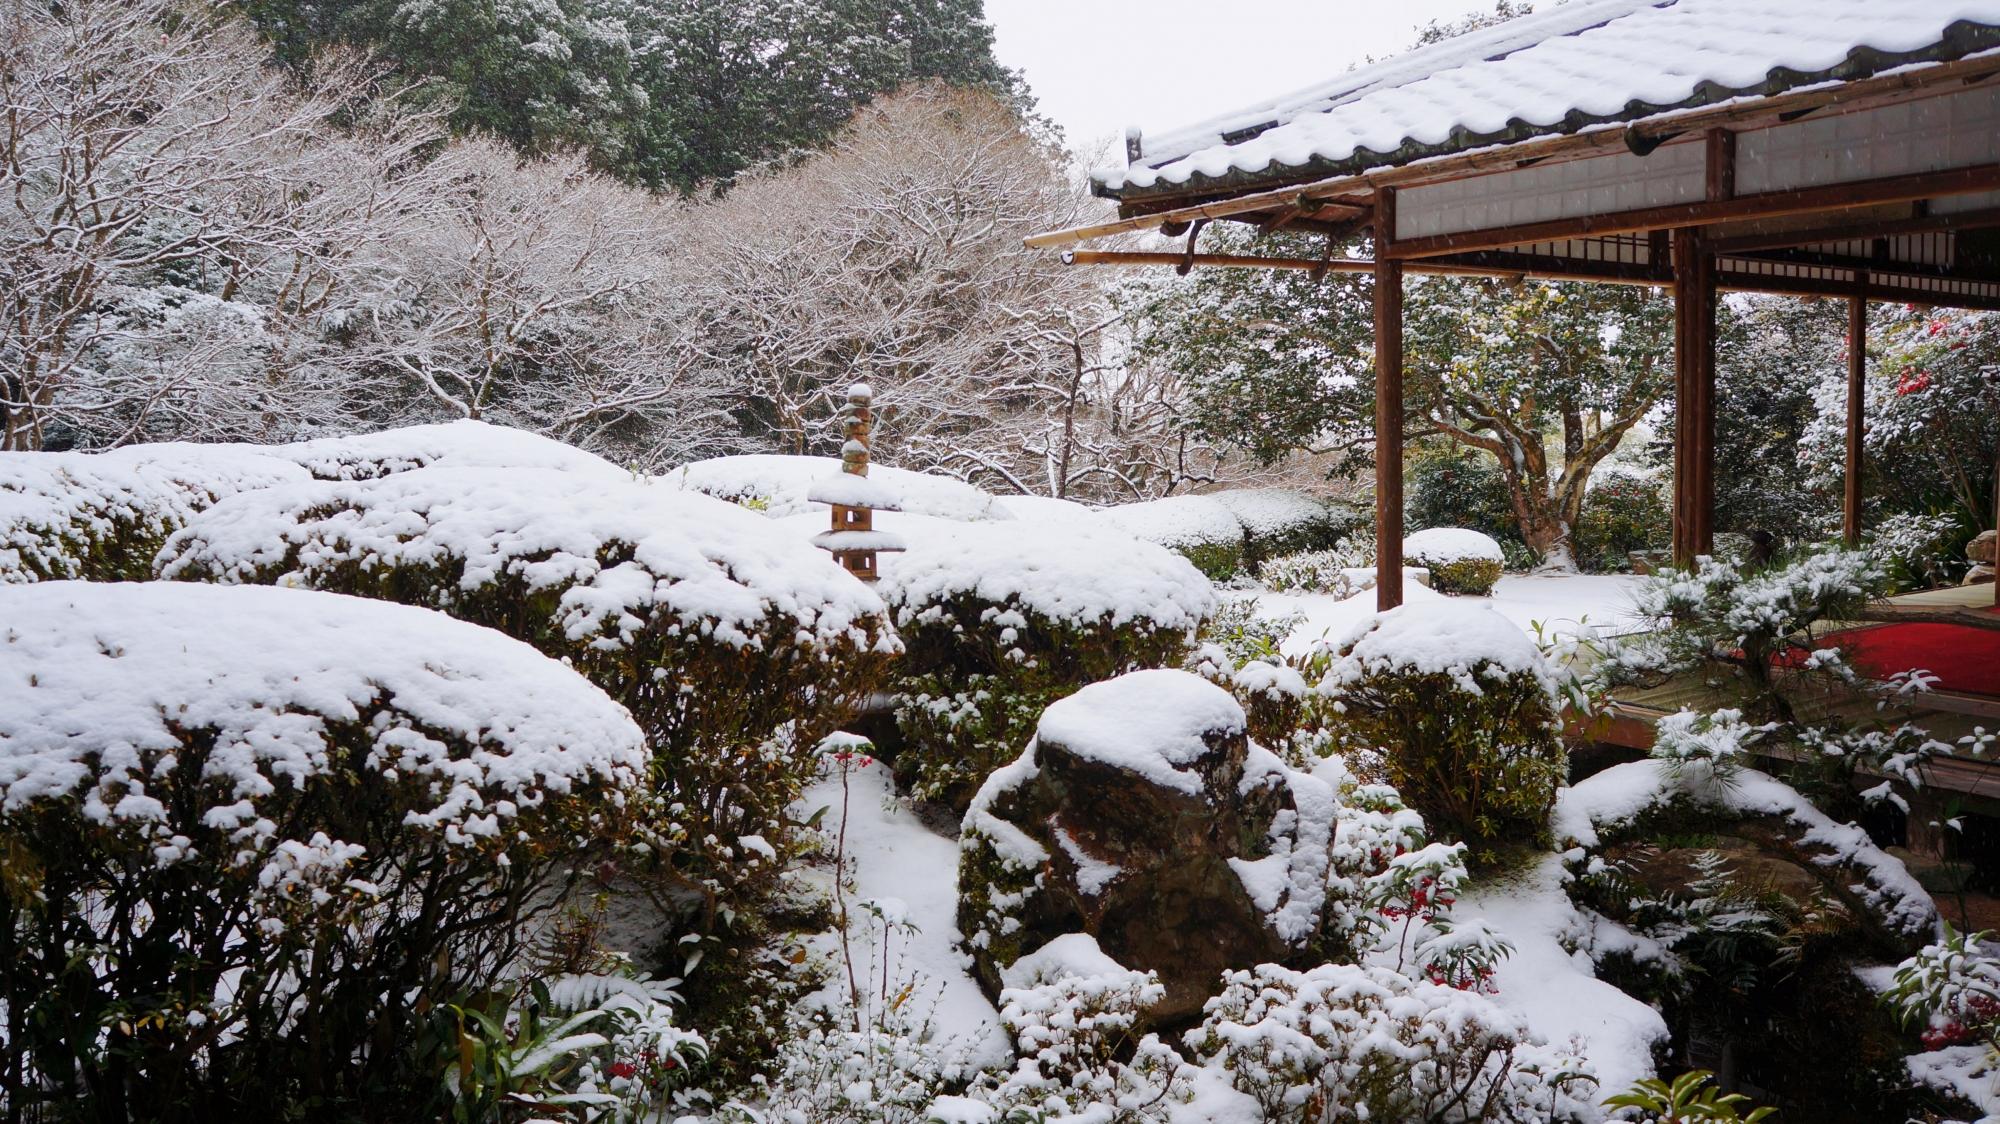 詩仙の間(しせんのま)から眺める雪の庭園